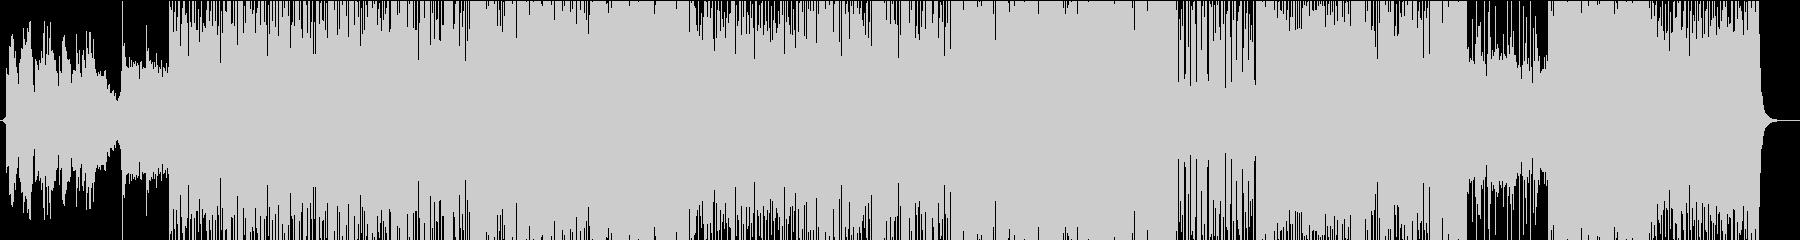 アニメ・ゲーム系ダークJ-POPの未再生の波形